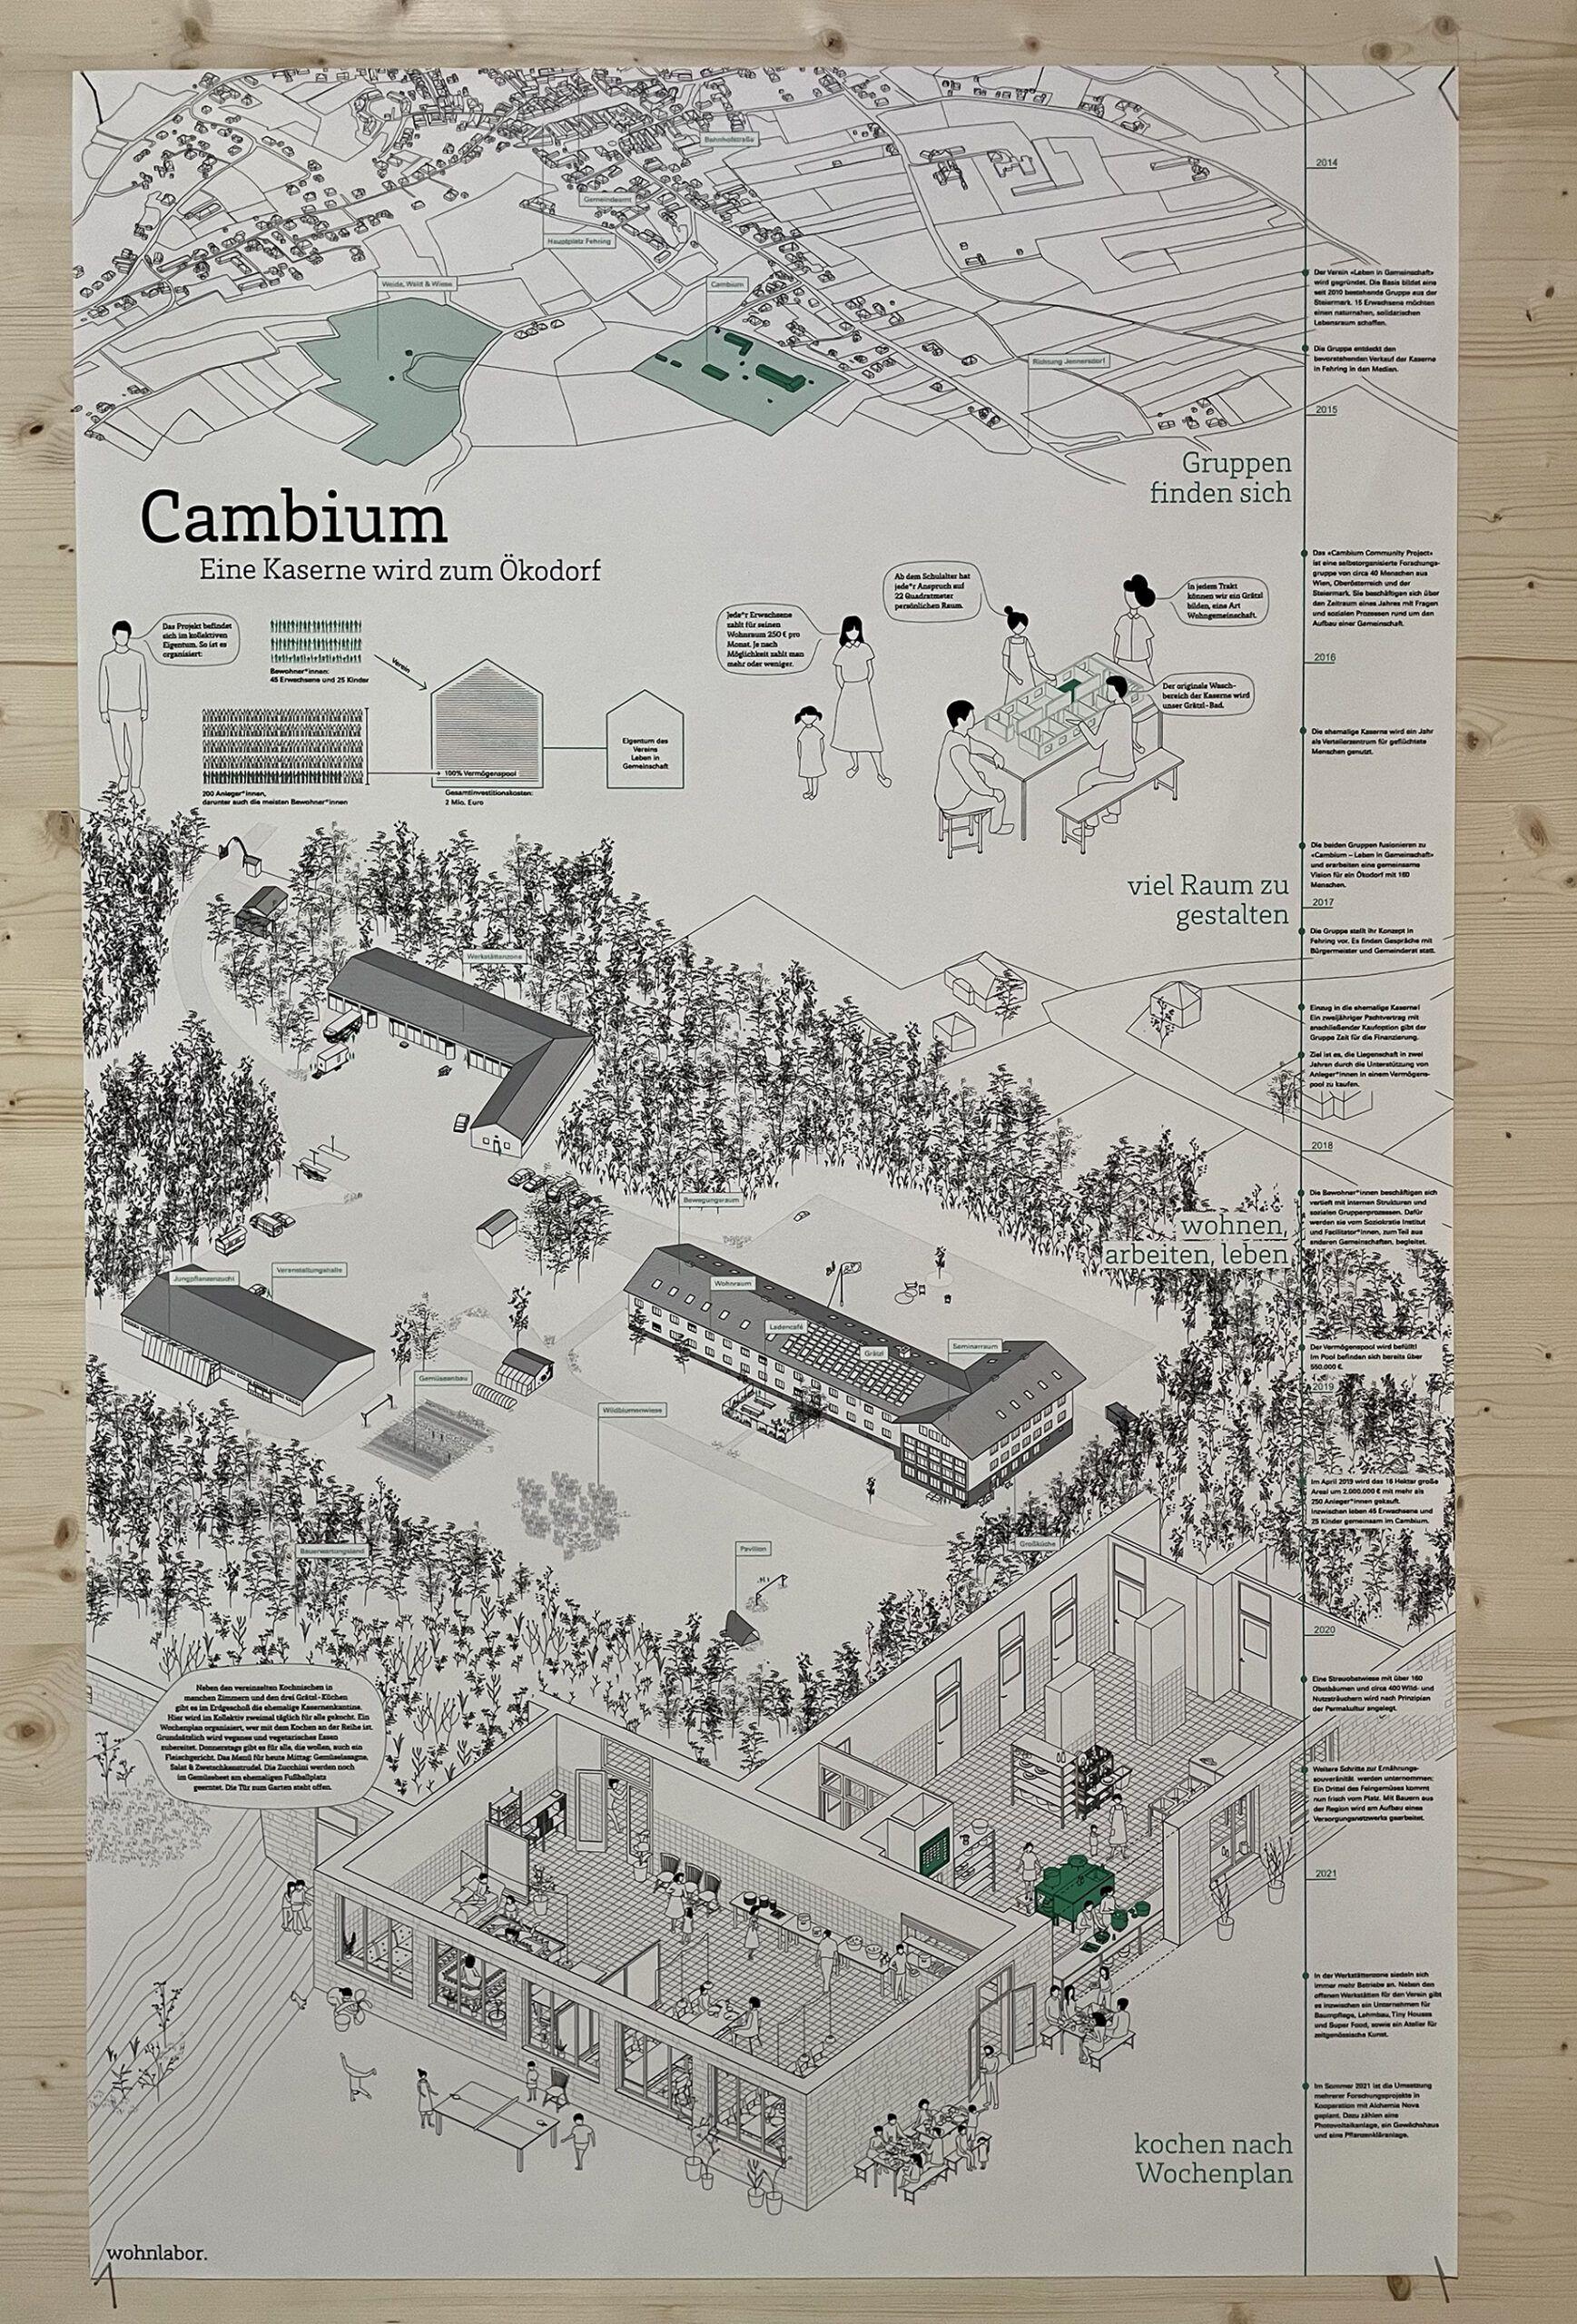 021_plakat-cambium